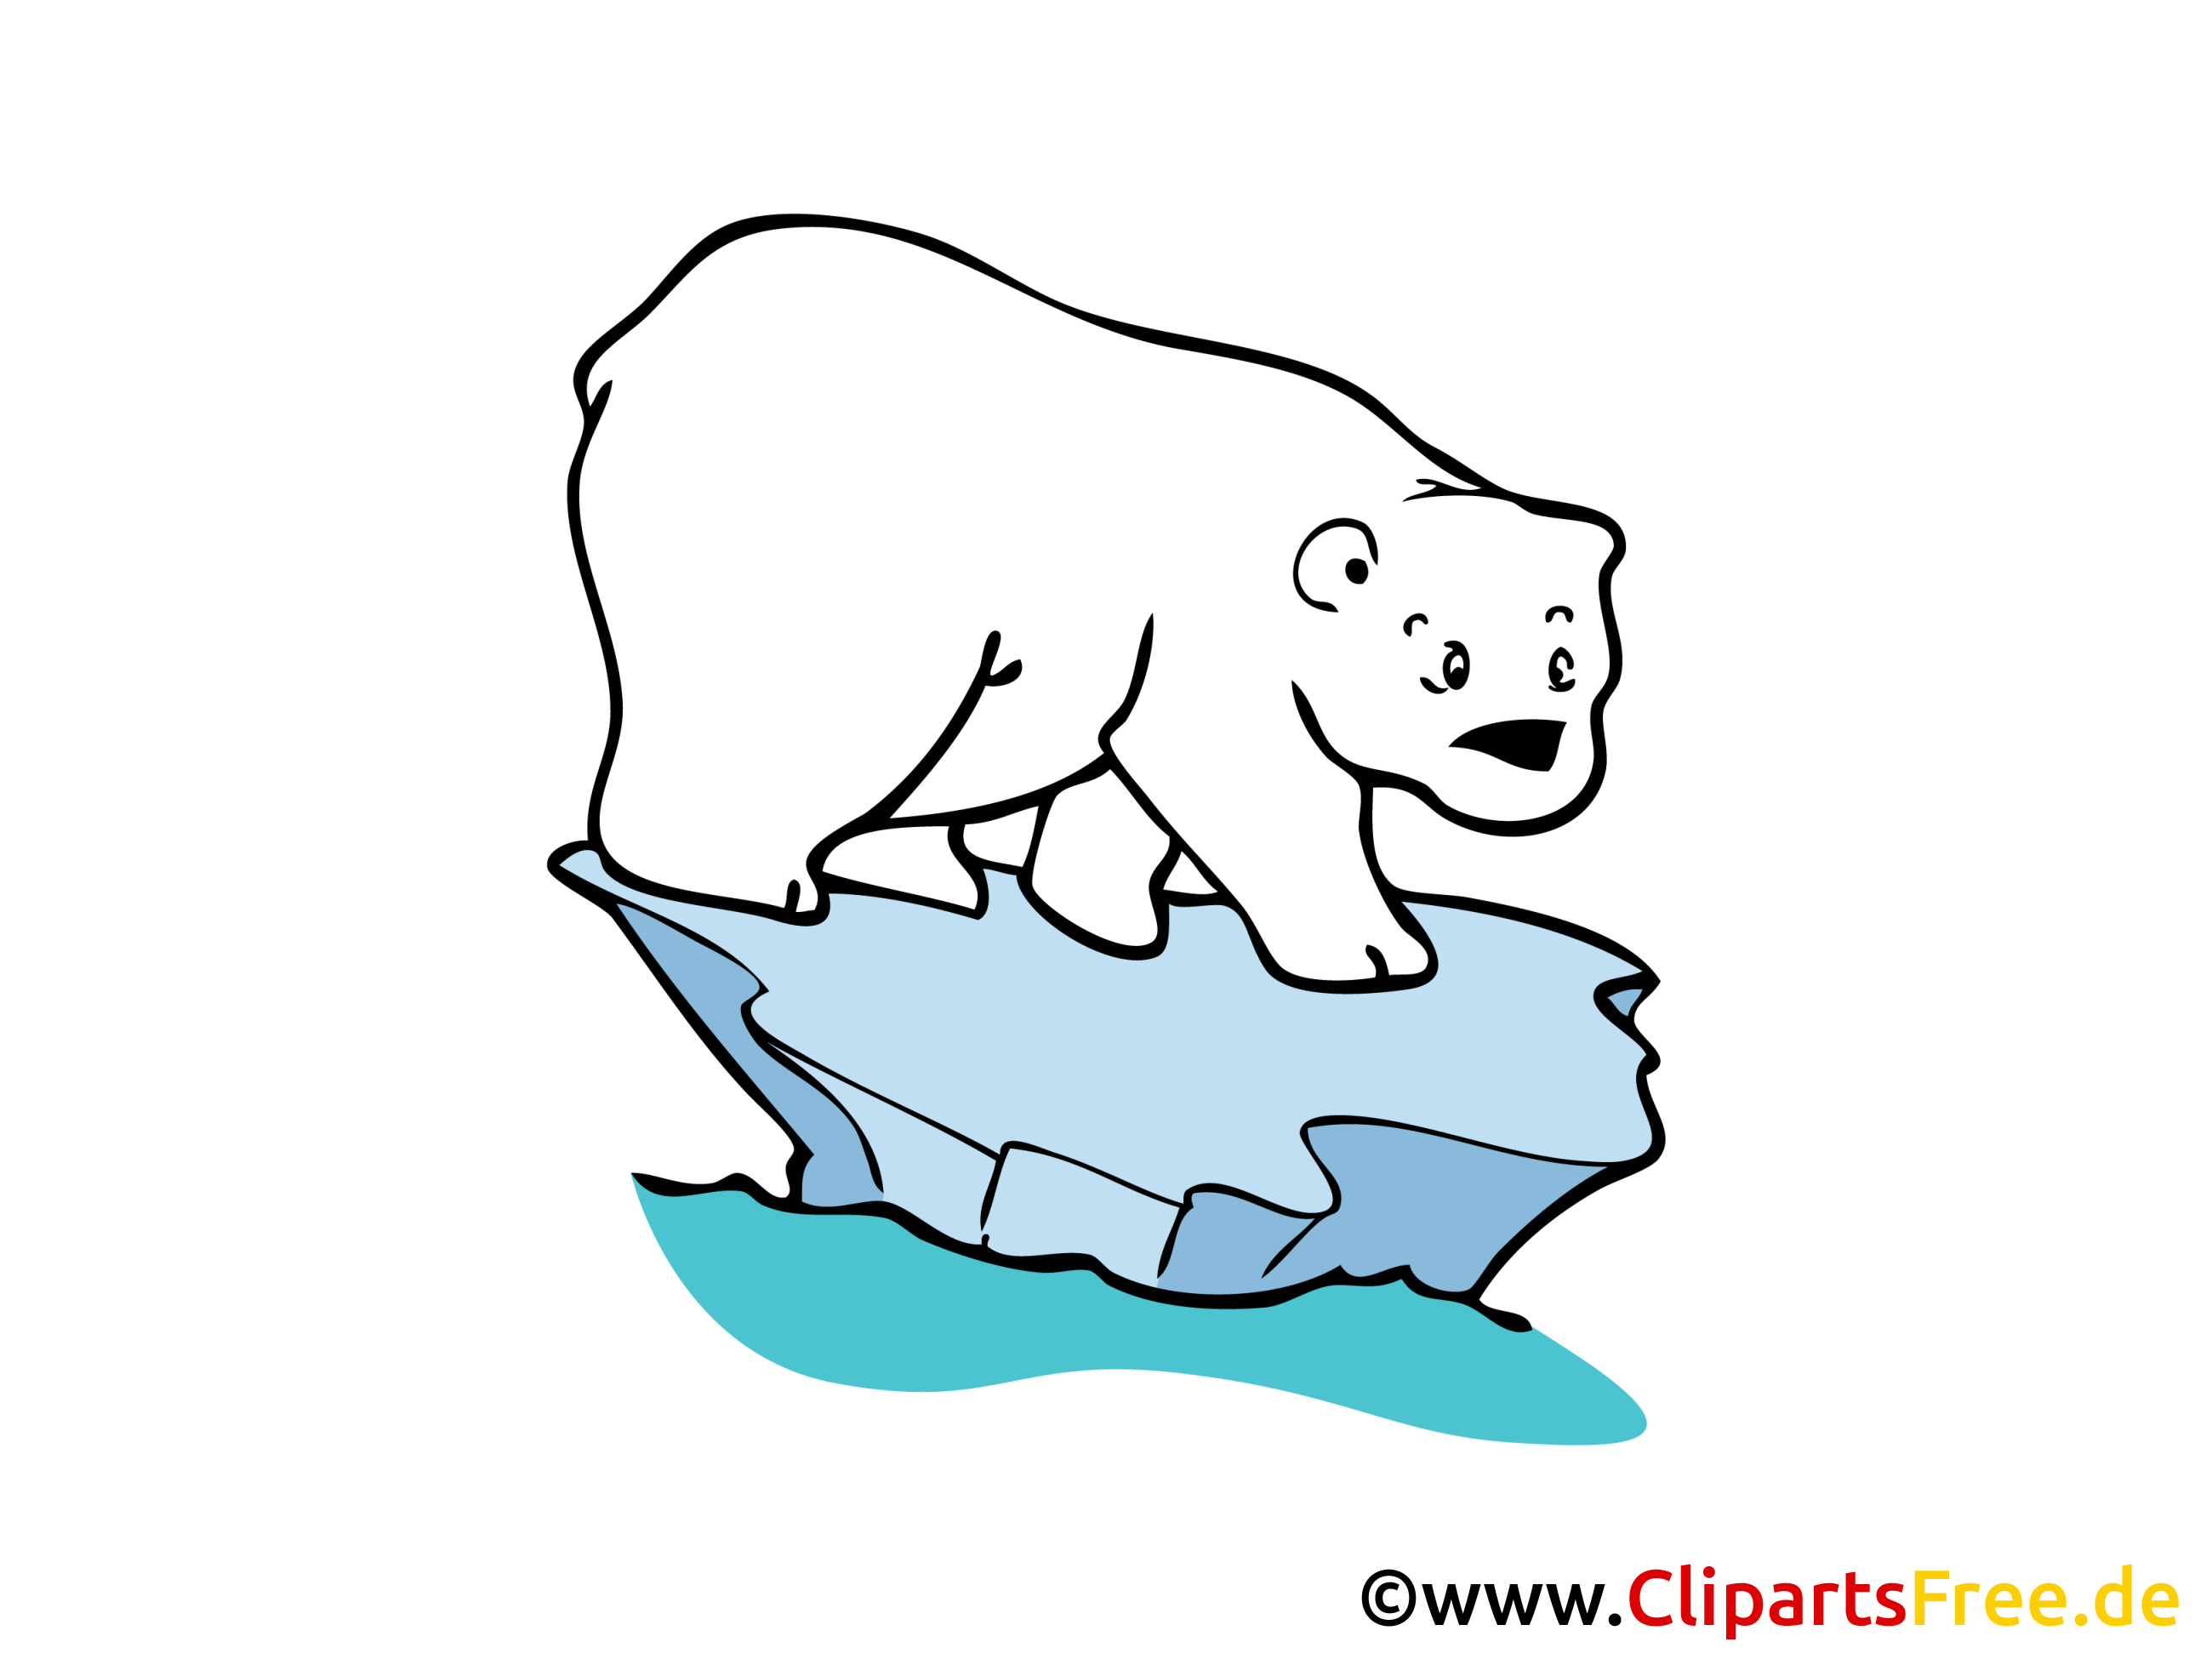 Eisbaer Bild, Clipart, Zeichnung in Hochaufloesung